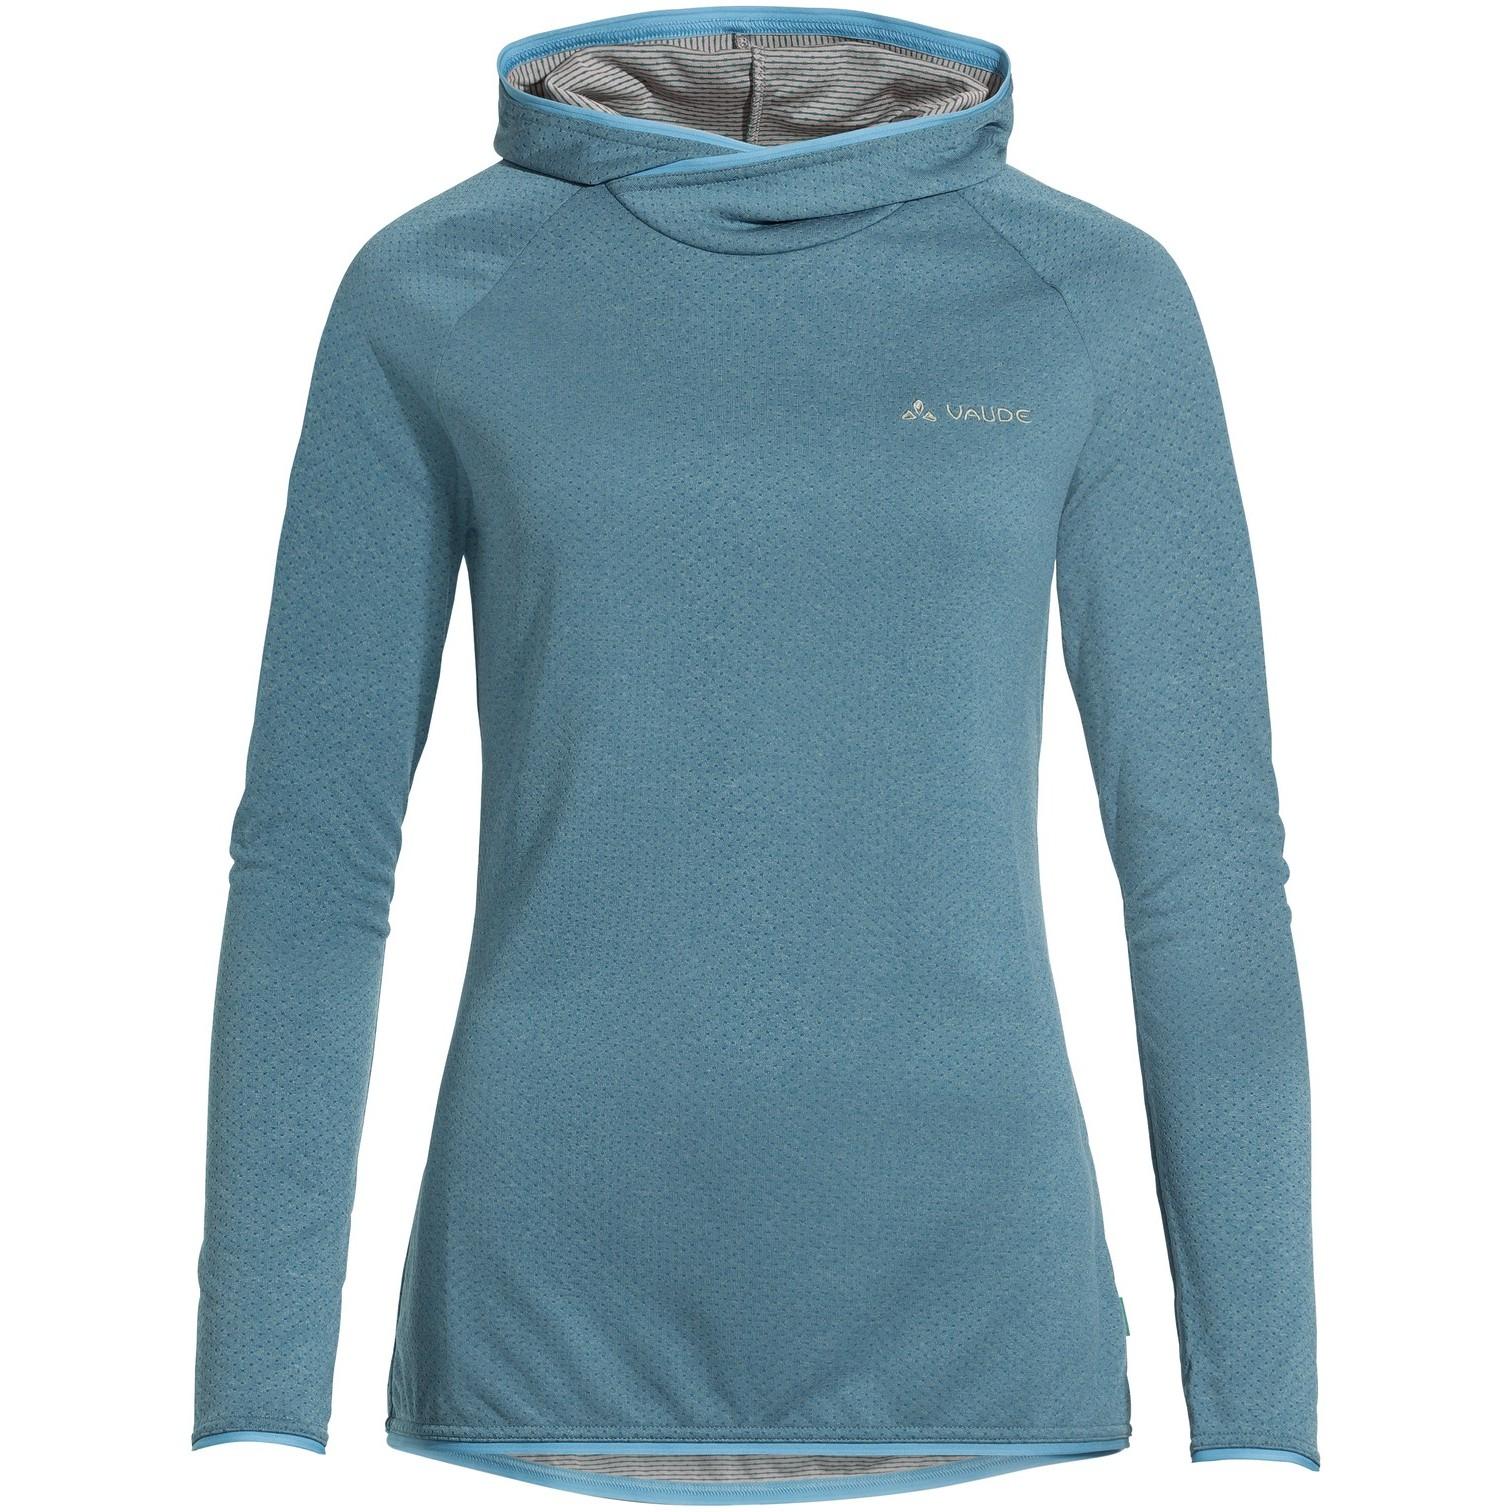 Vaude Miskanti LS T-Shirt II Damen - arctic blue